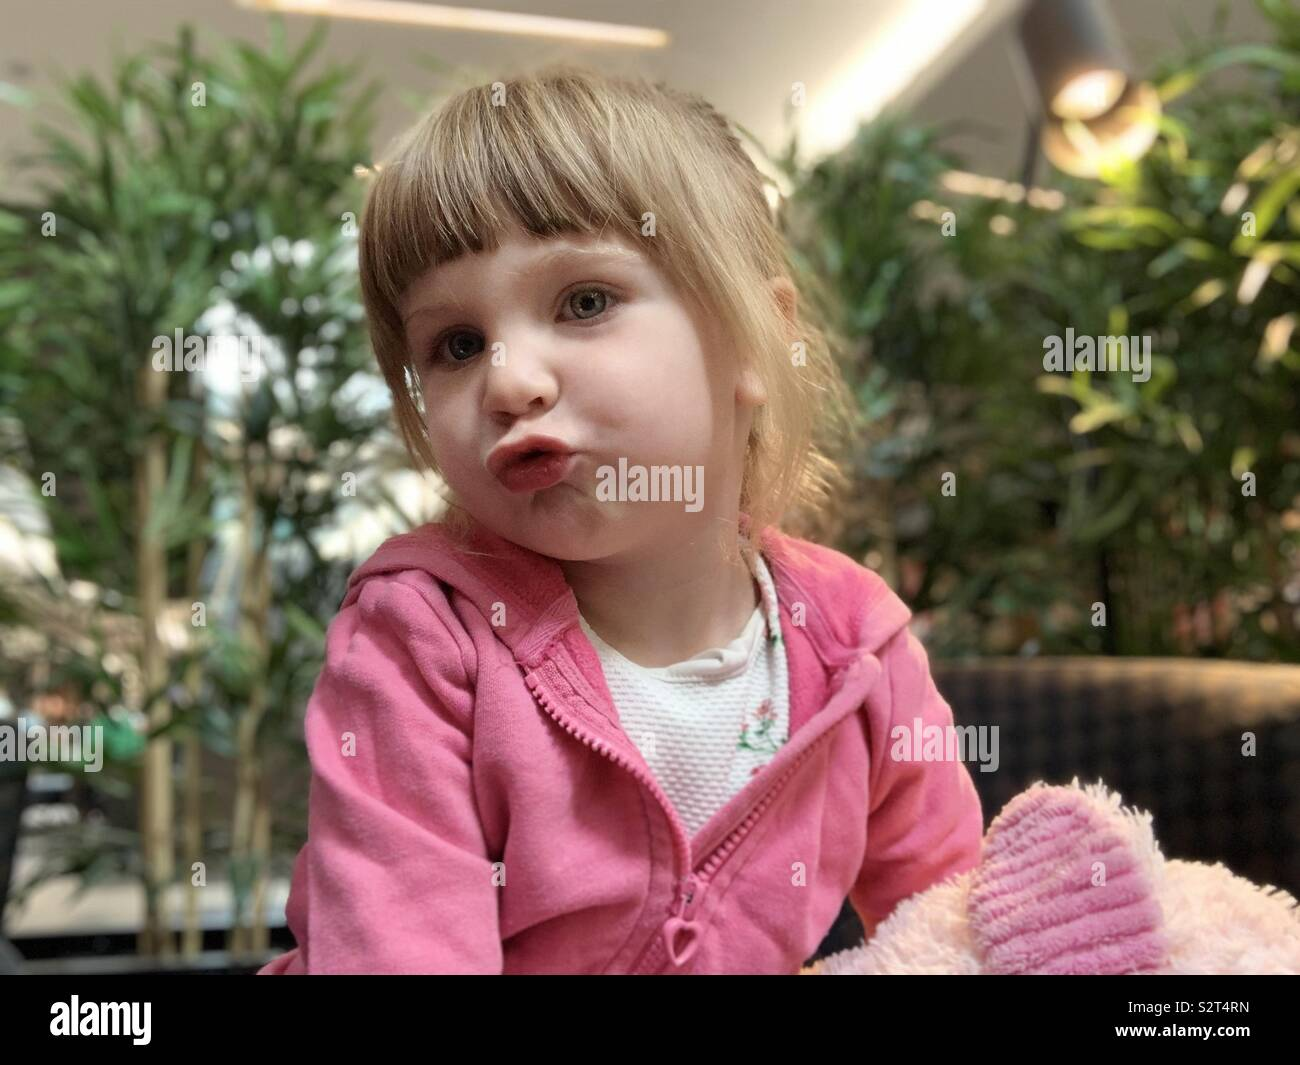 pouting child stock photos